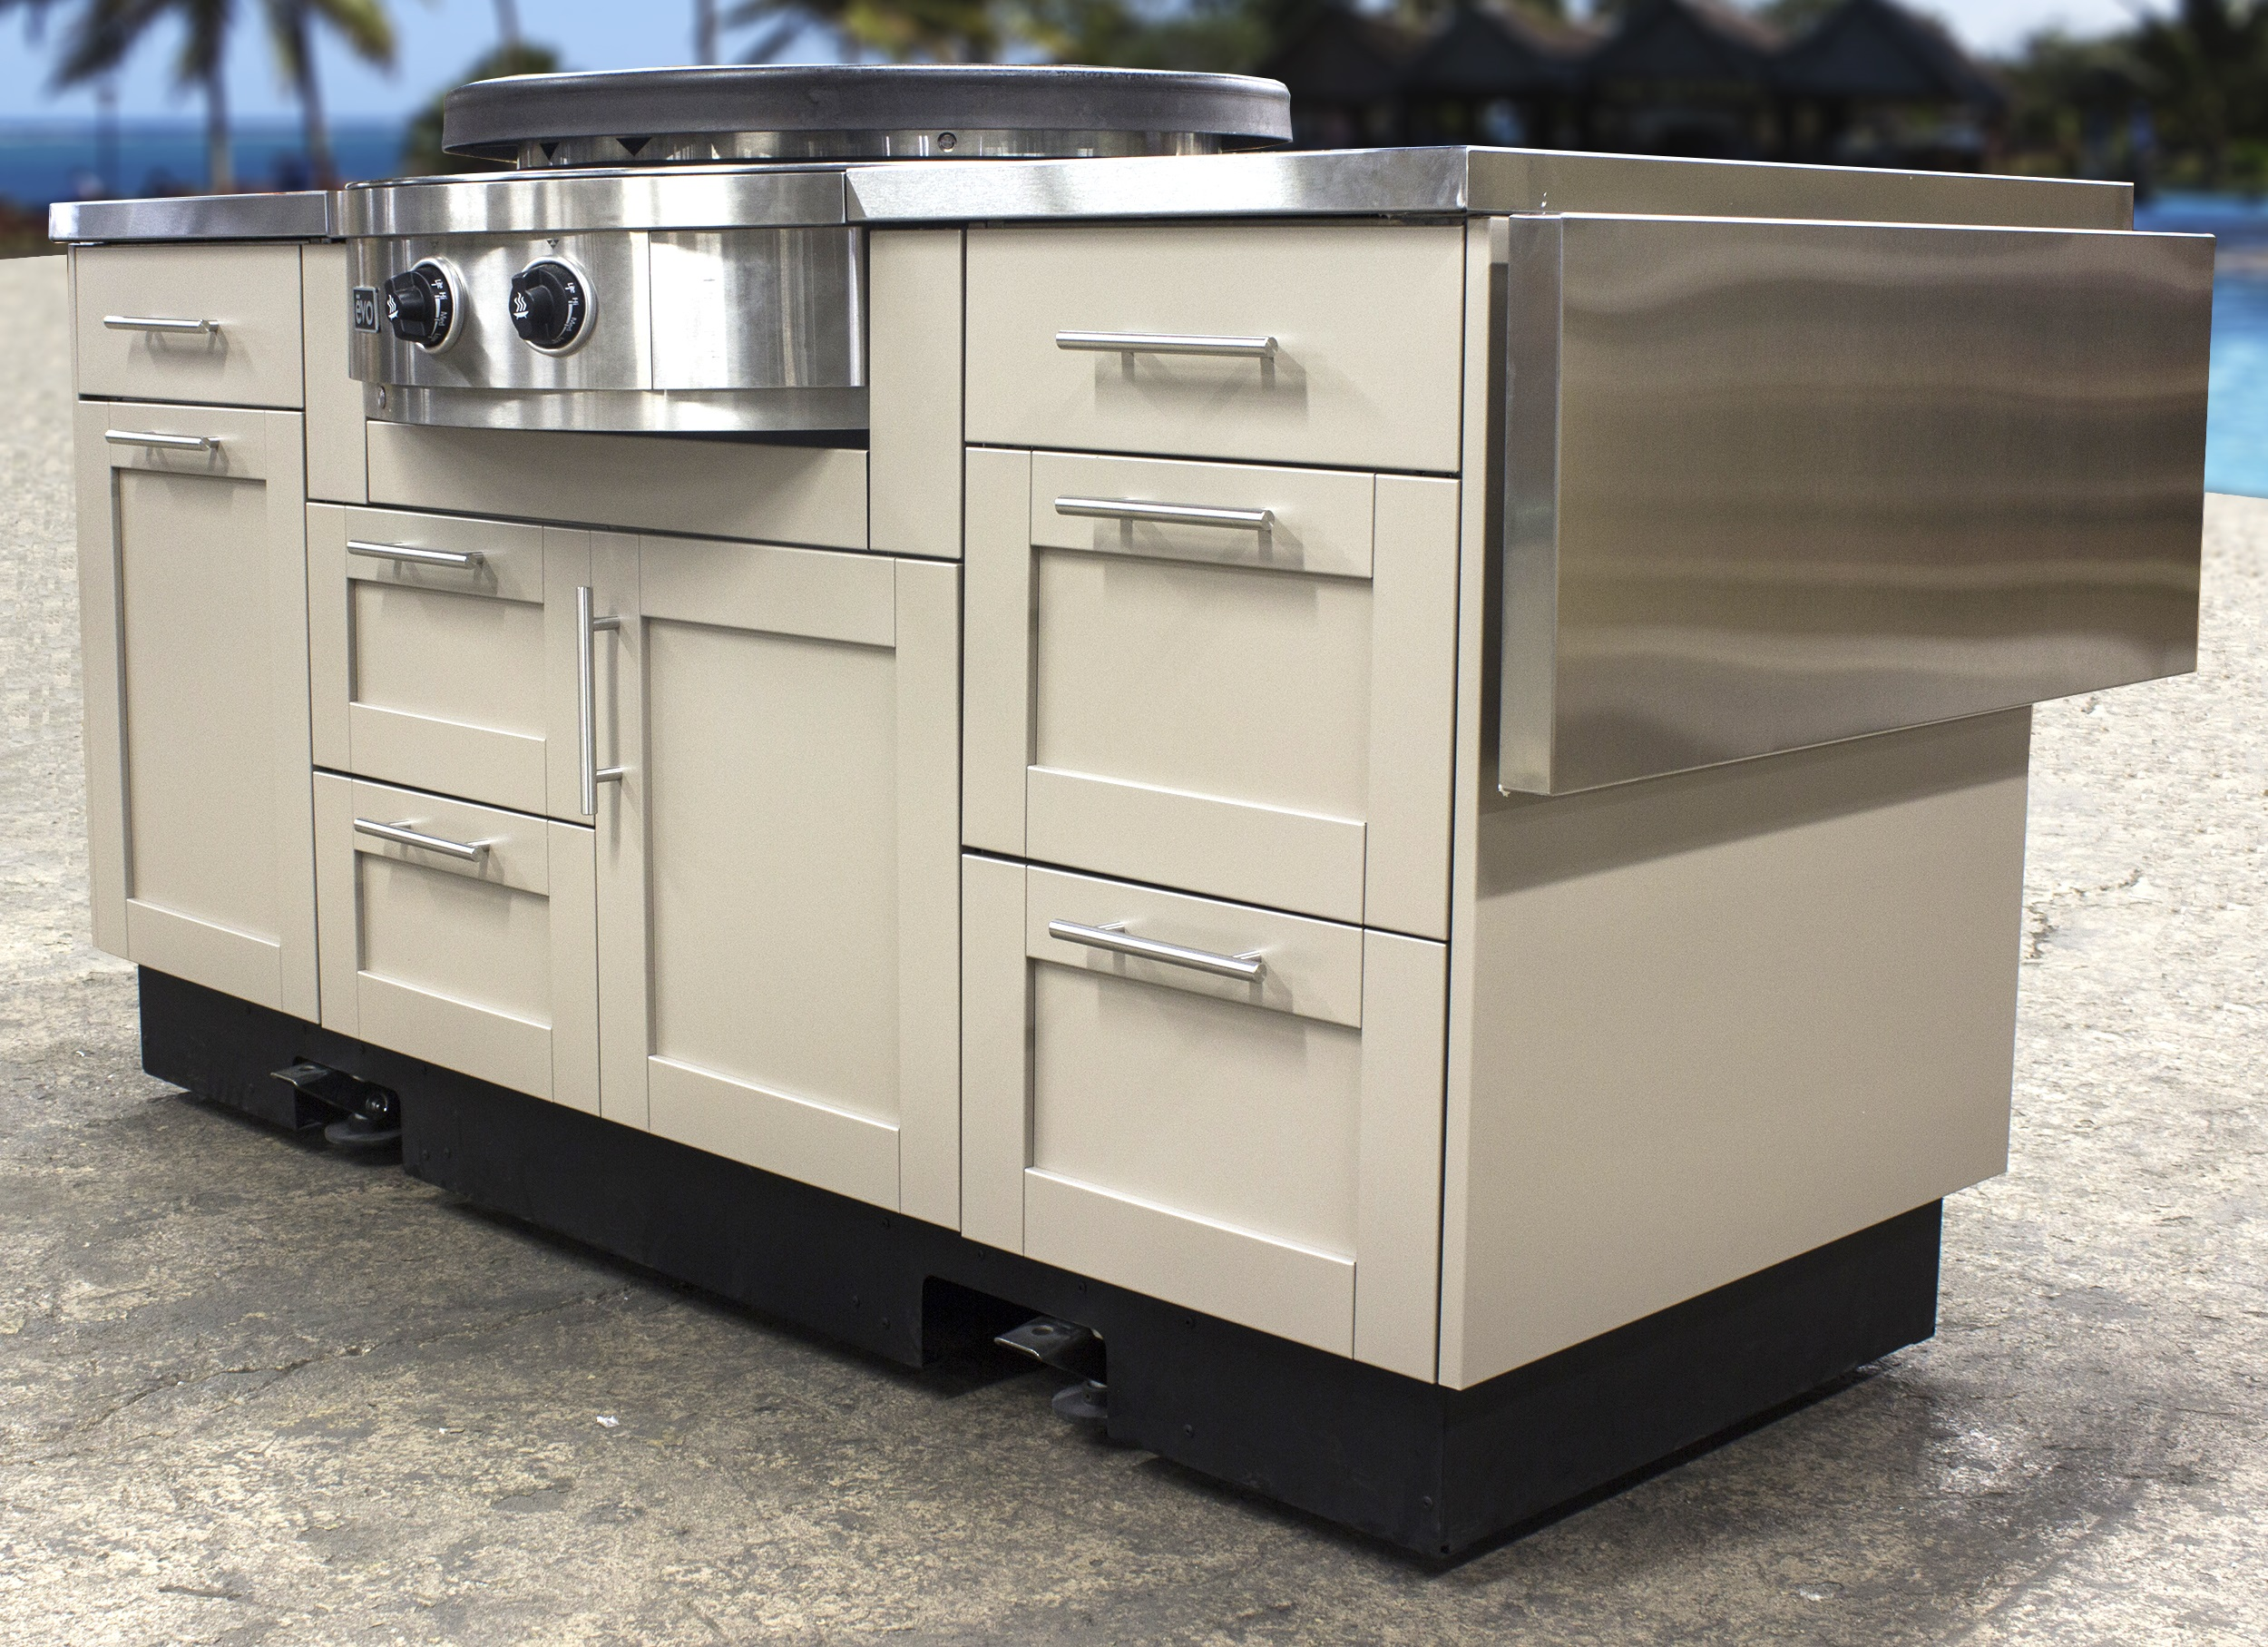 Brown Jordan Outdoor Kitchens wins IIDA/HD Product Design ...